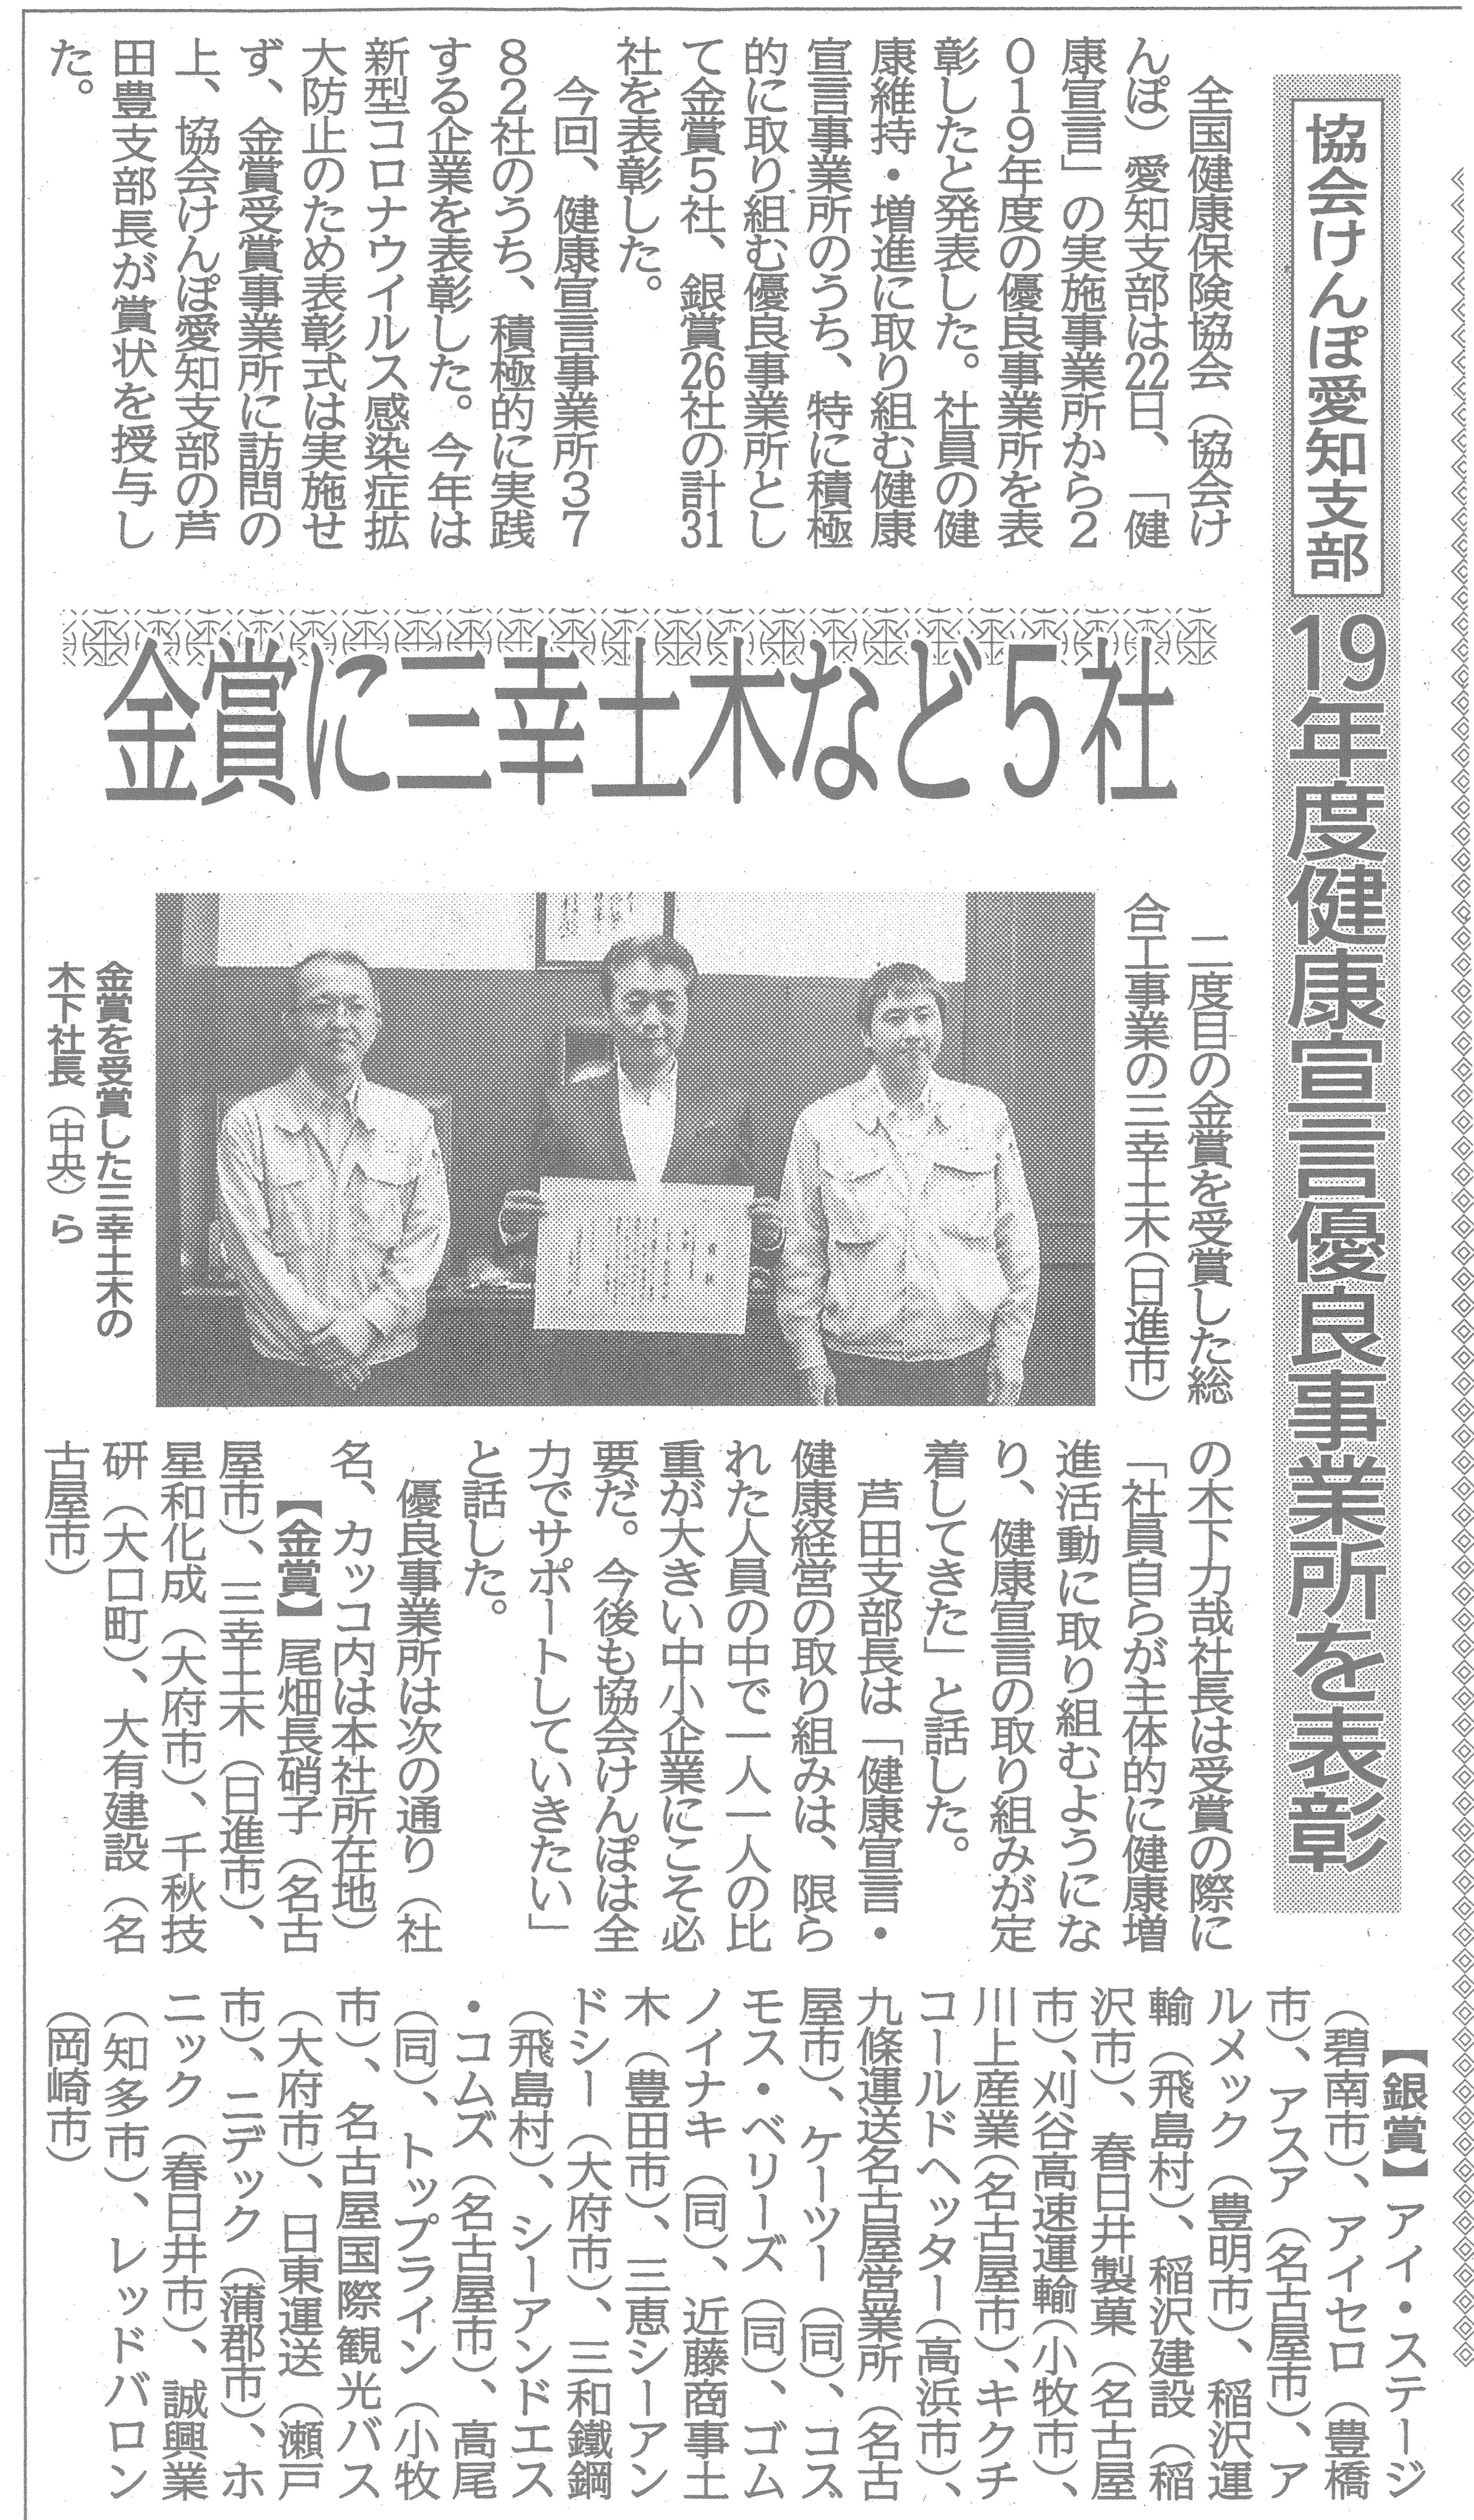 中部経済新聞社掲載記事